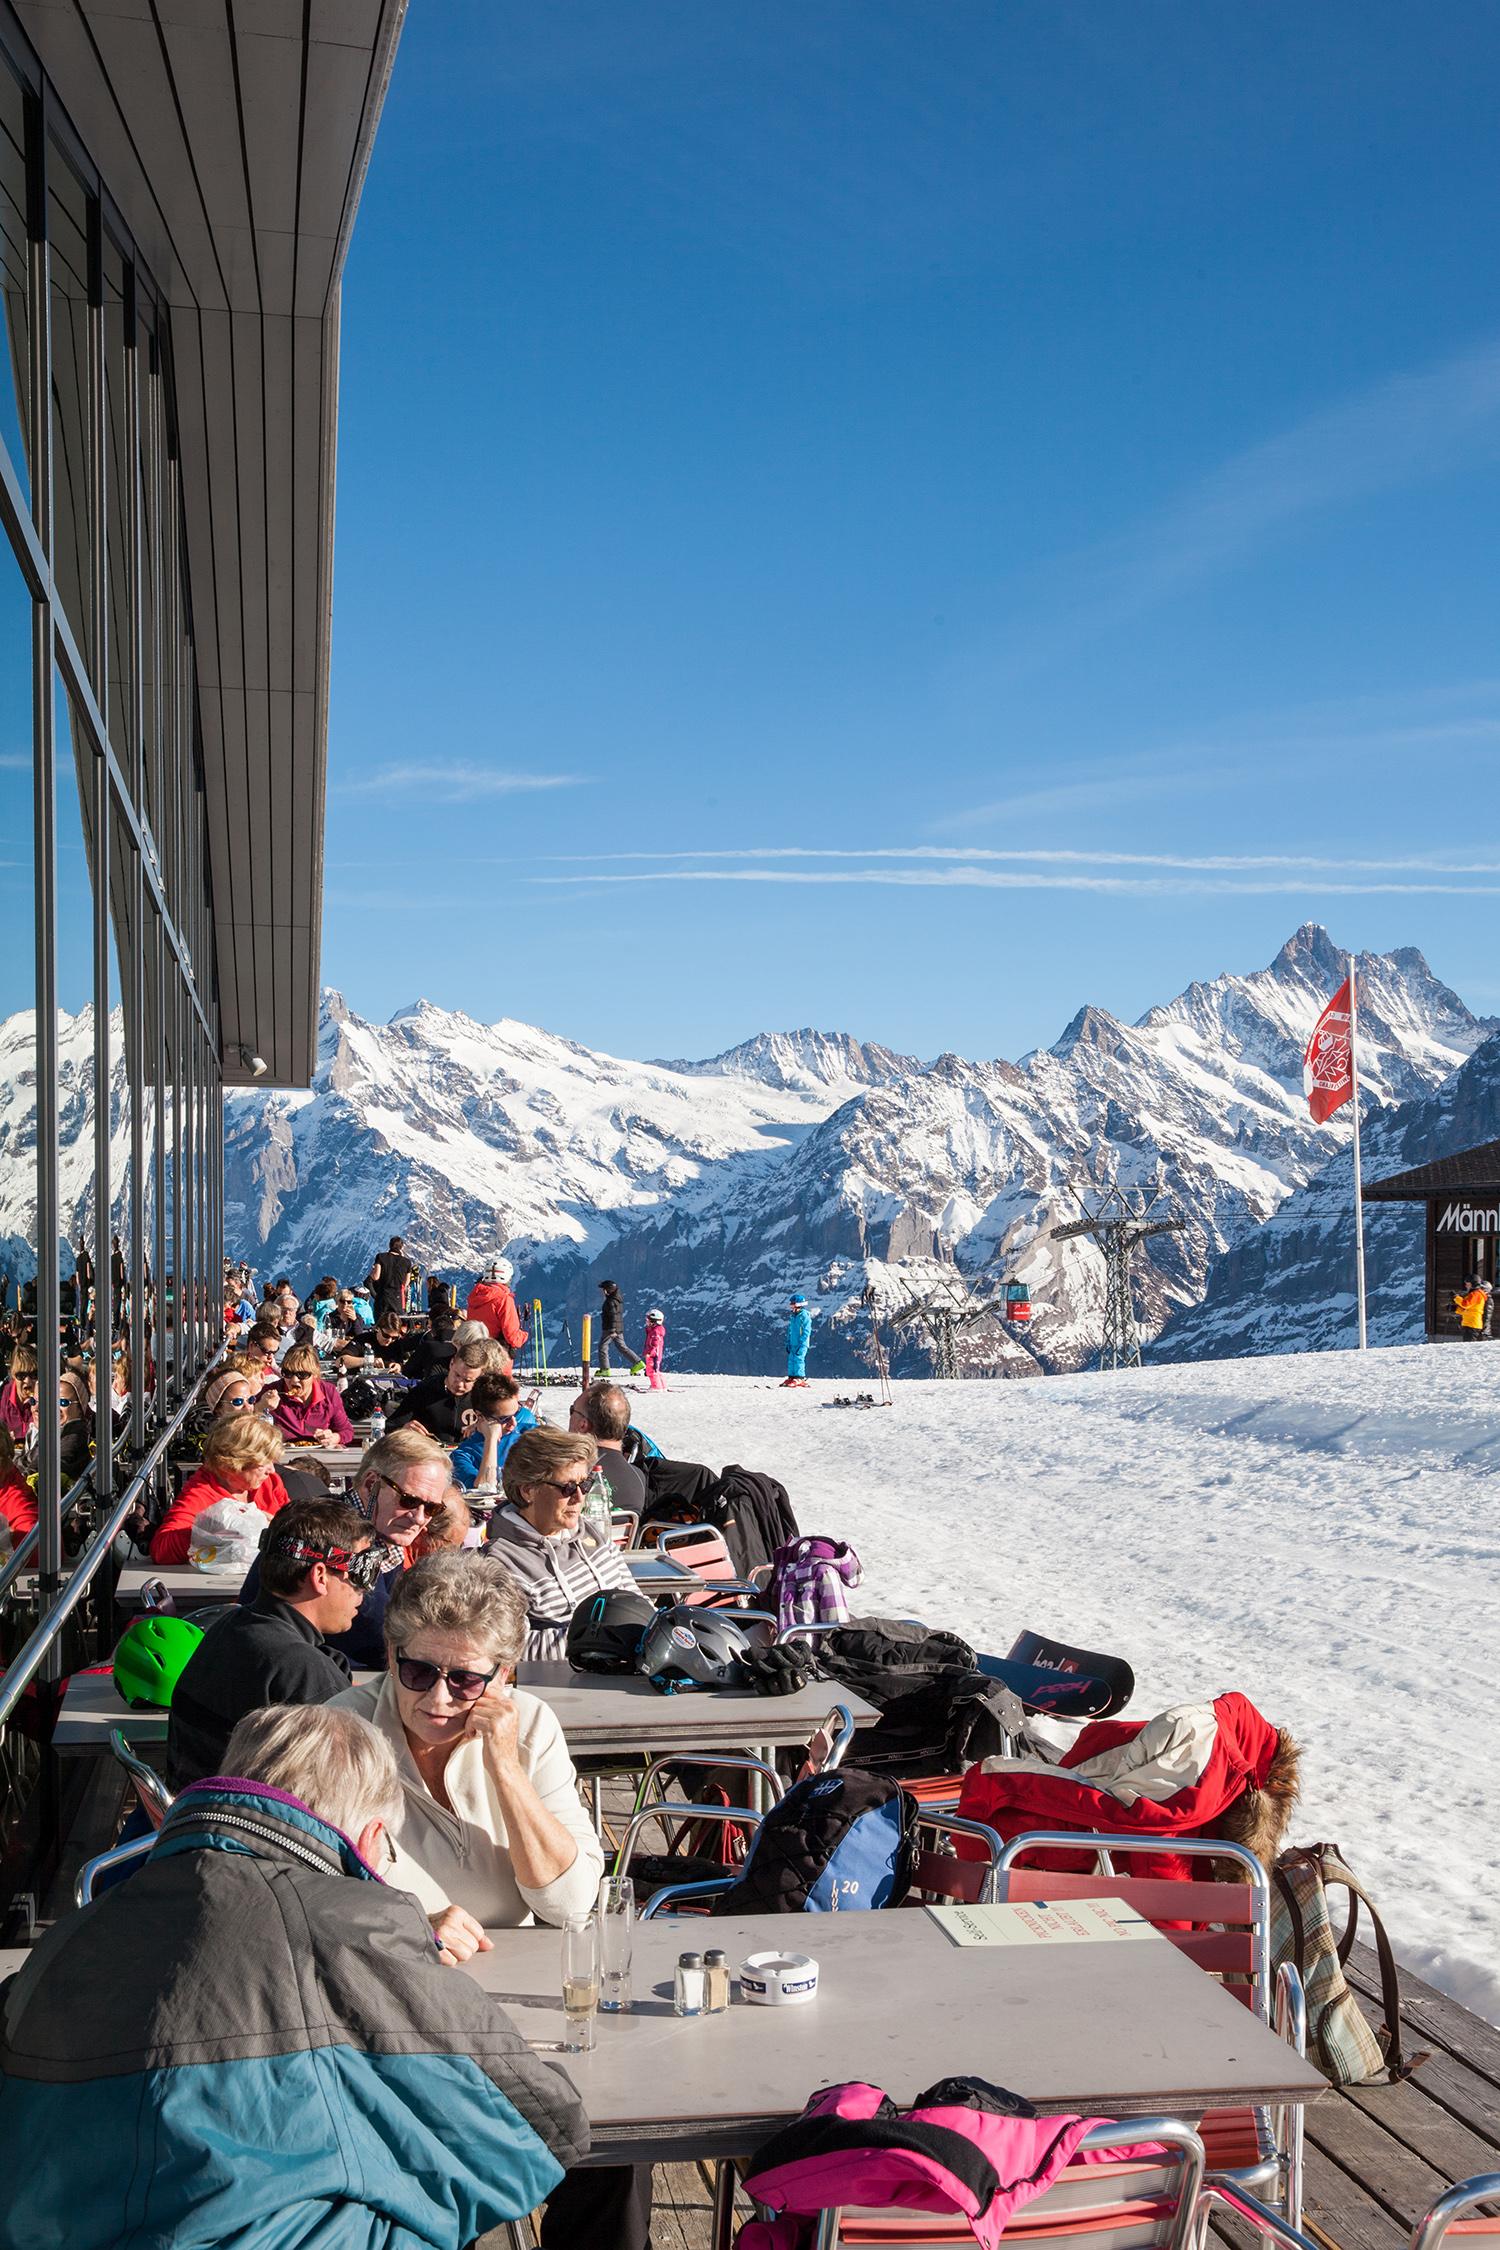 switzerland photograph skiing